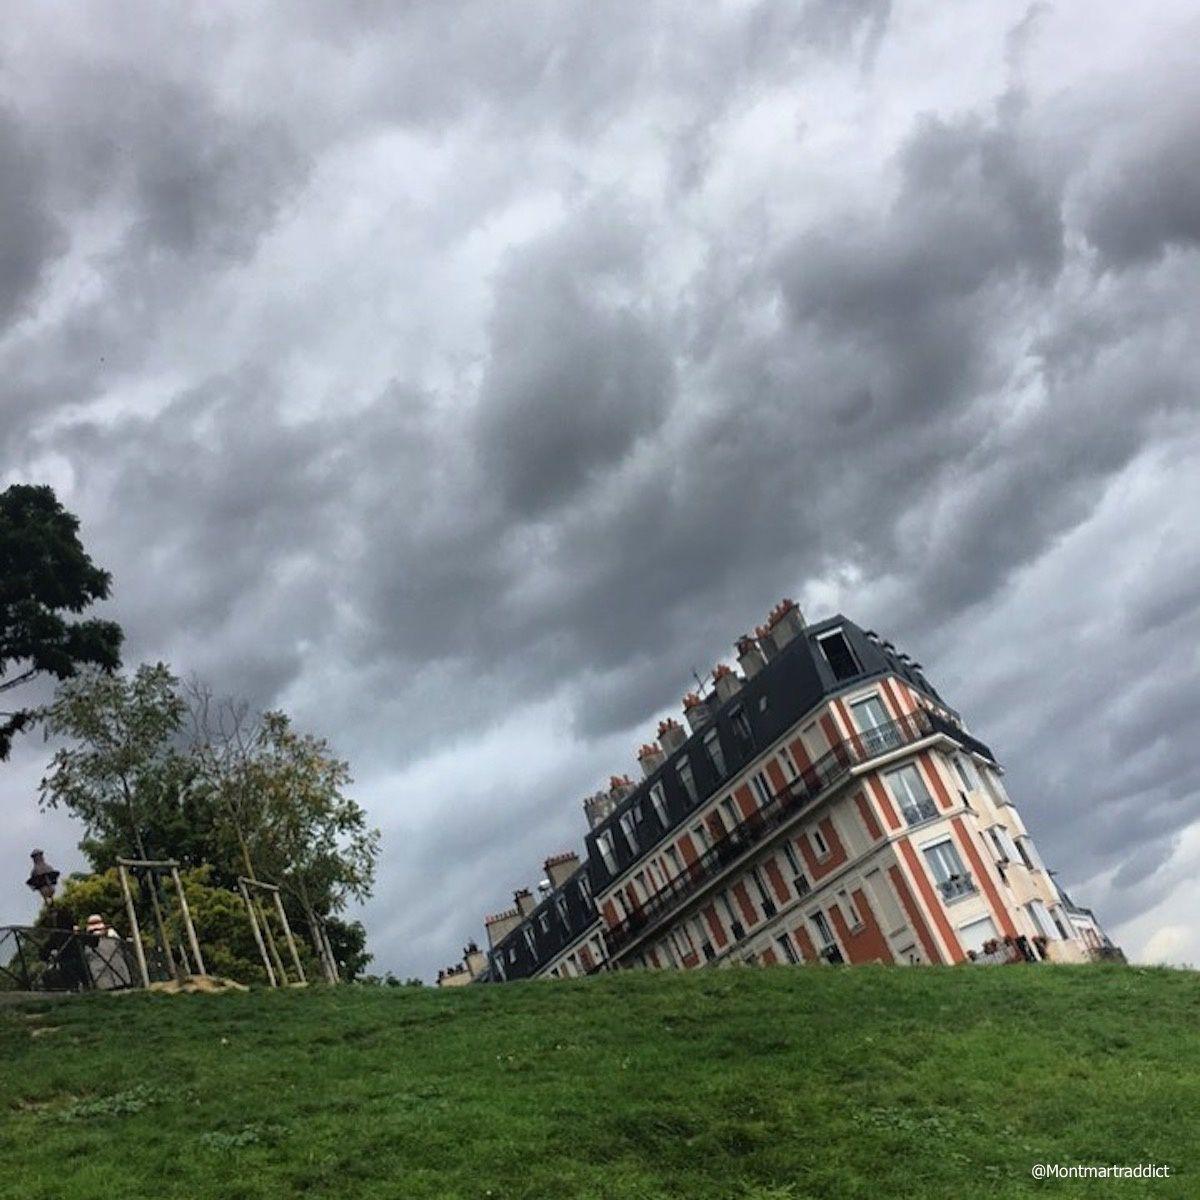 06. Montmartre renversant, 75018